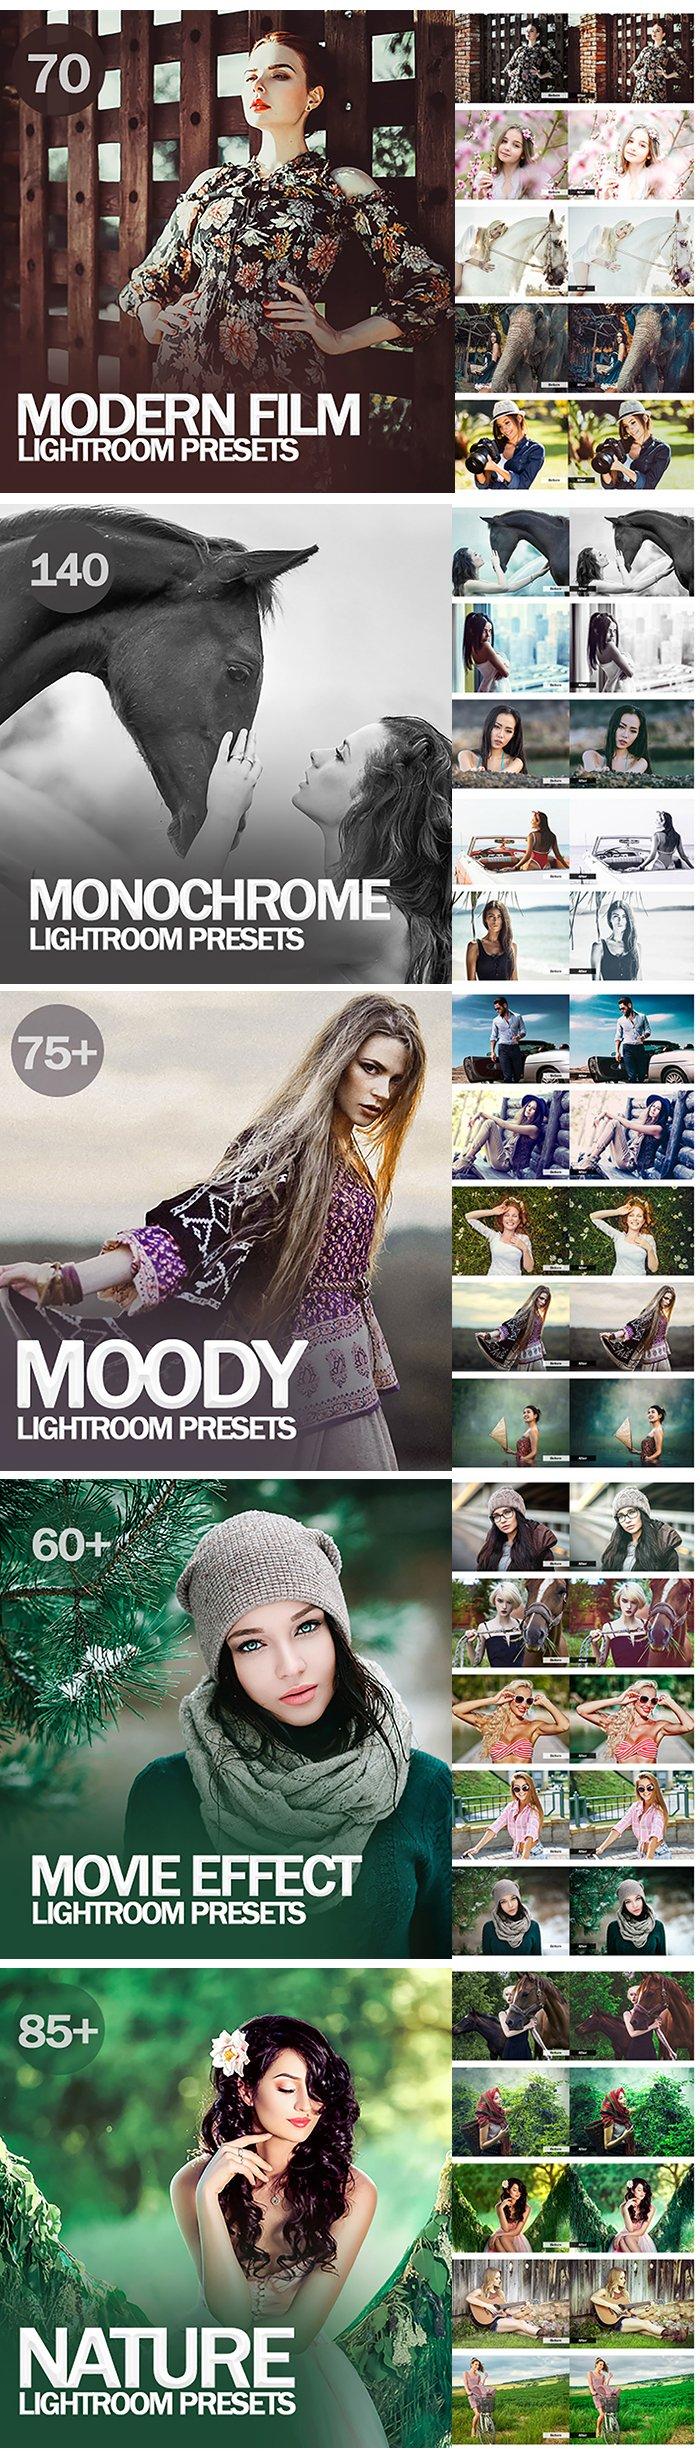 20,000+ Mega bundle Mobile and Desktop Lightroom Presets - 9 1